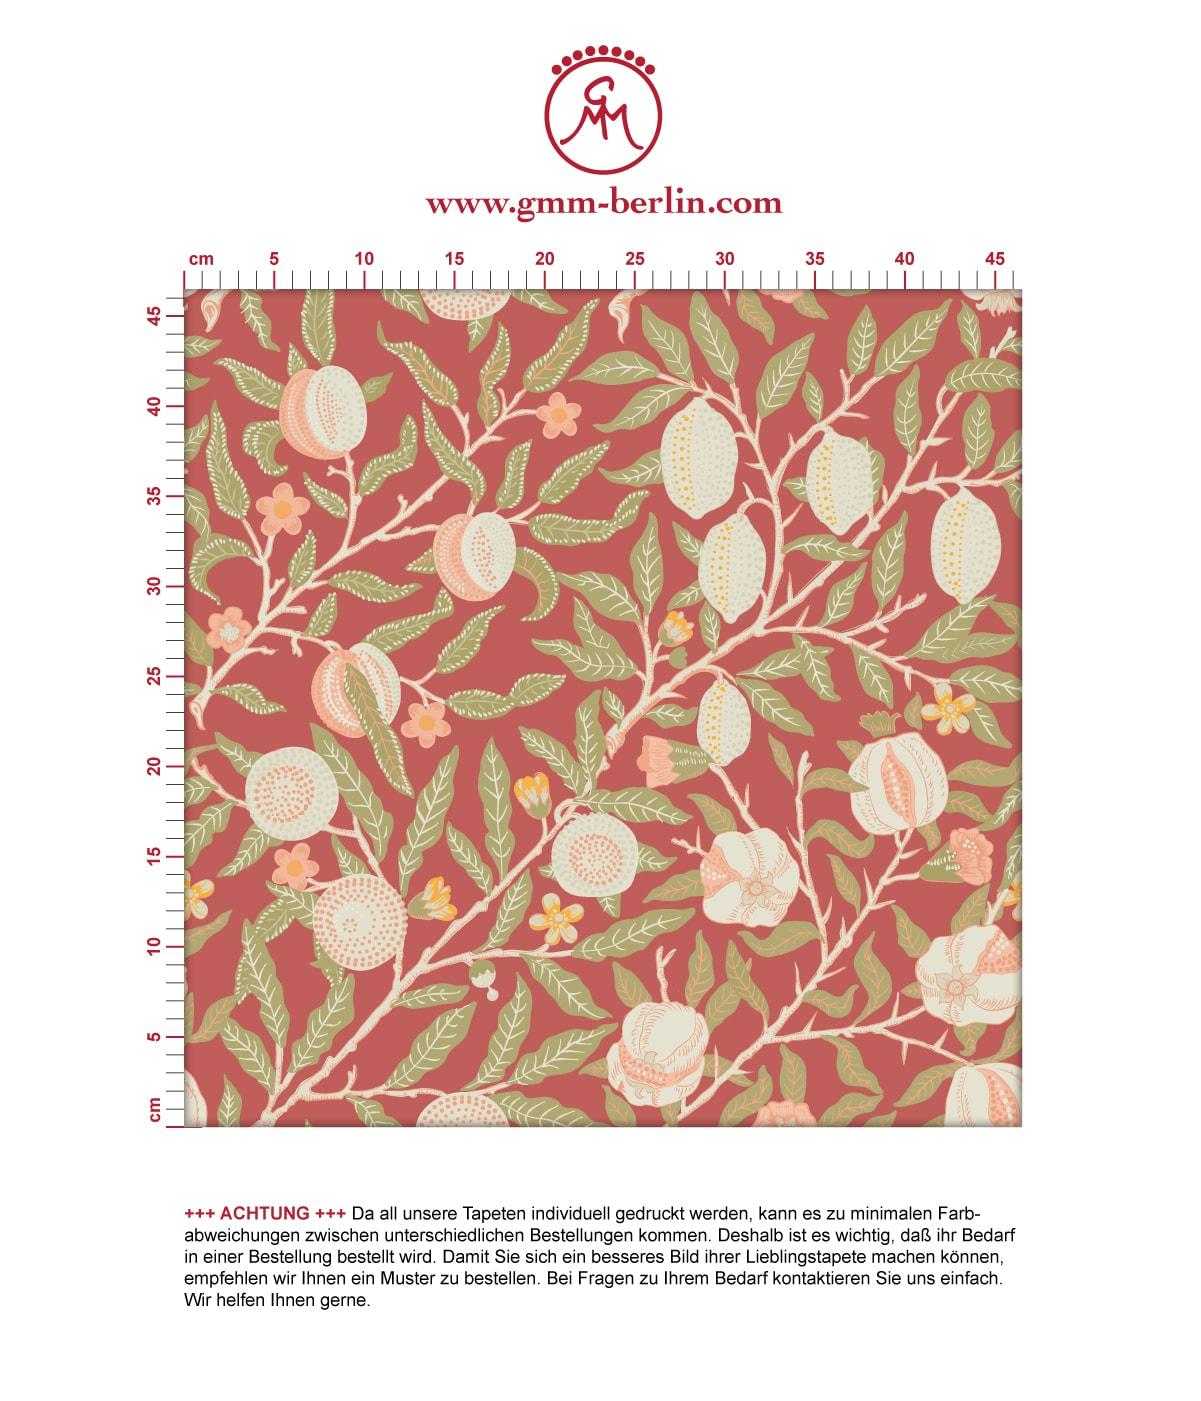 Aus dem GMM-BERLIN.com Sortiment: Schöne Tapeten in der Farbe: rot. Schöne Wandgestaltung: Retro Jugendstil Tapete Granatapfel Baum nach #baum #blumen #granatapfel #jugendstil #natur #retro #vintage #williammorris für individuelles Interiordesign